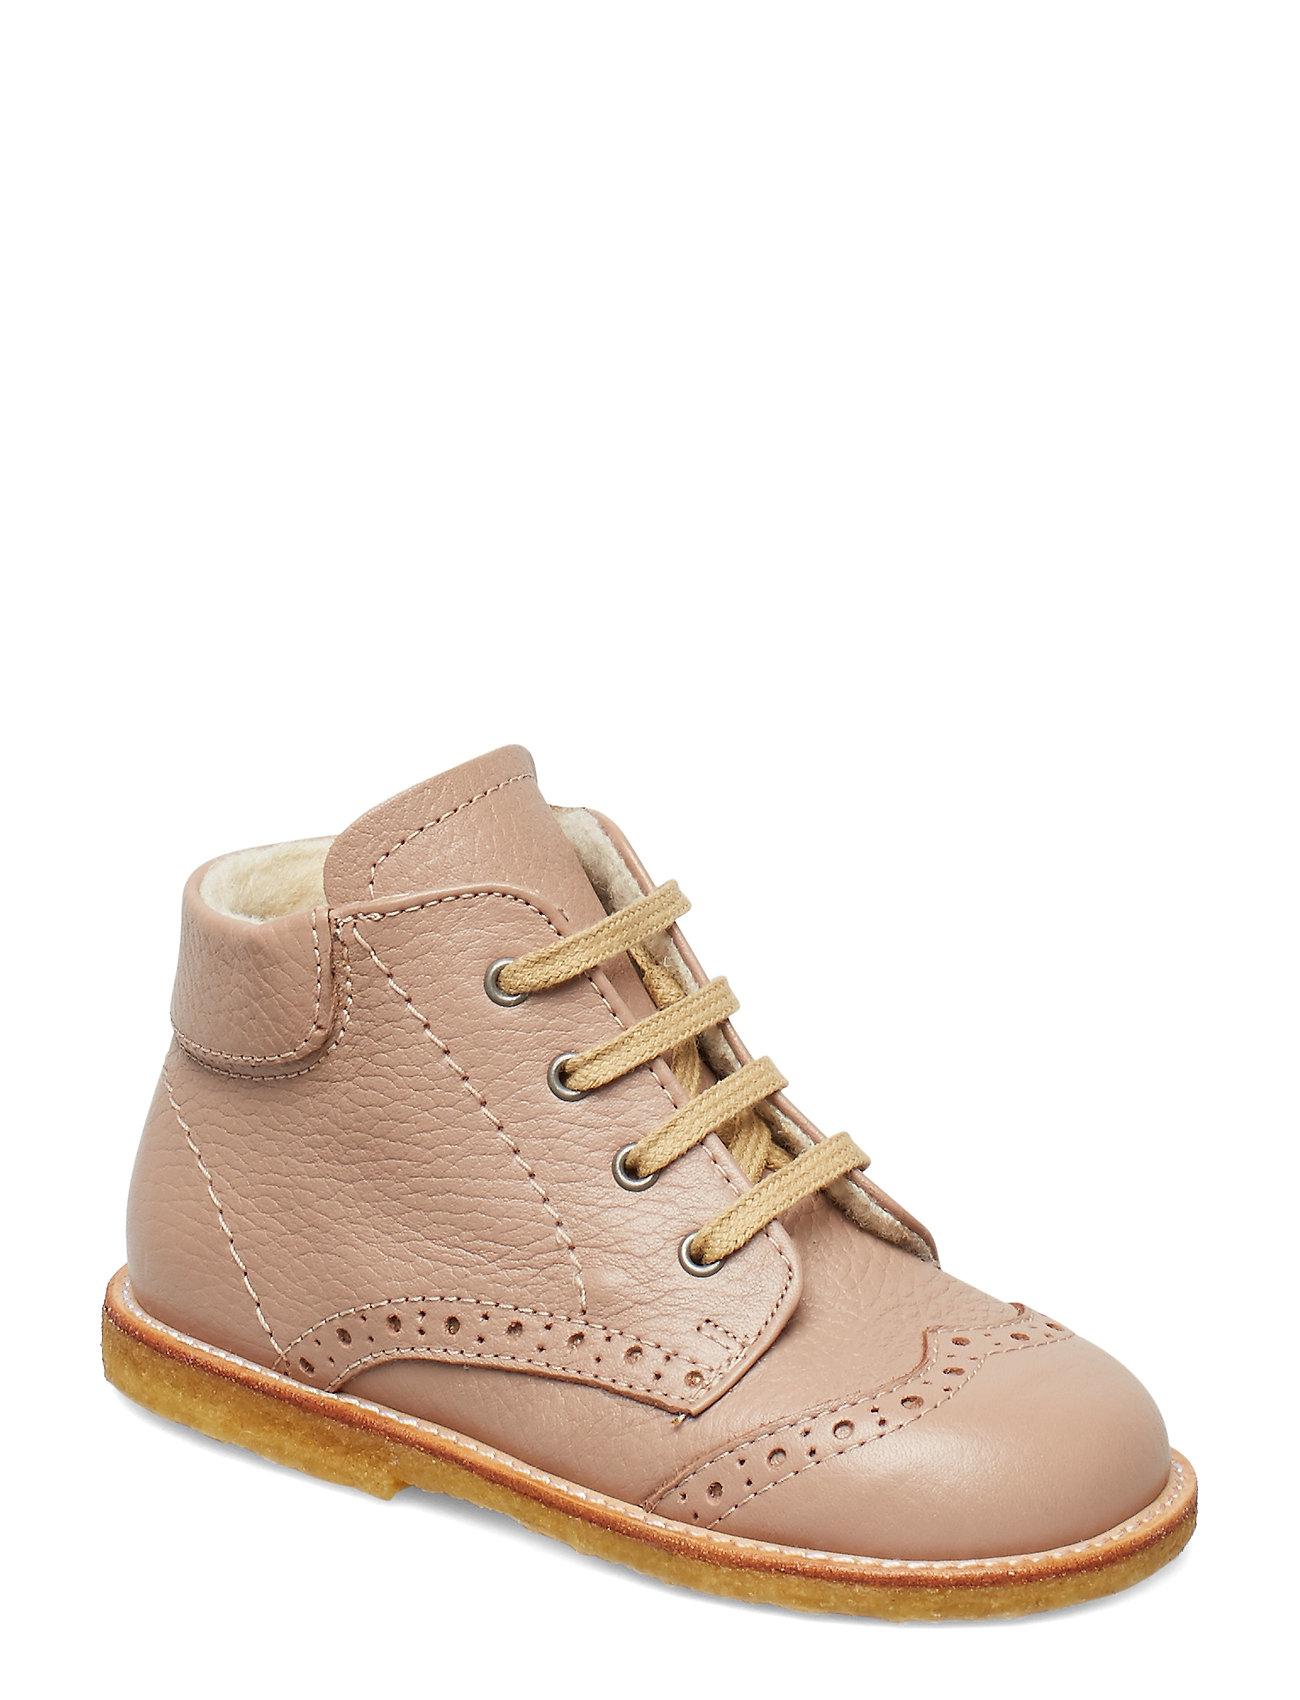 ANGULUS Baby shoe - 2550 DUSTY MAKEUP